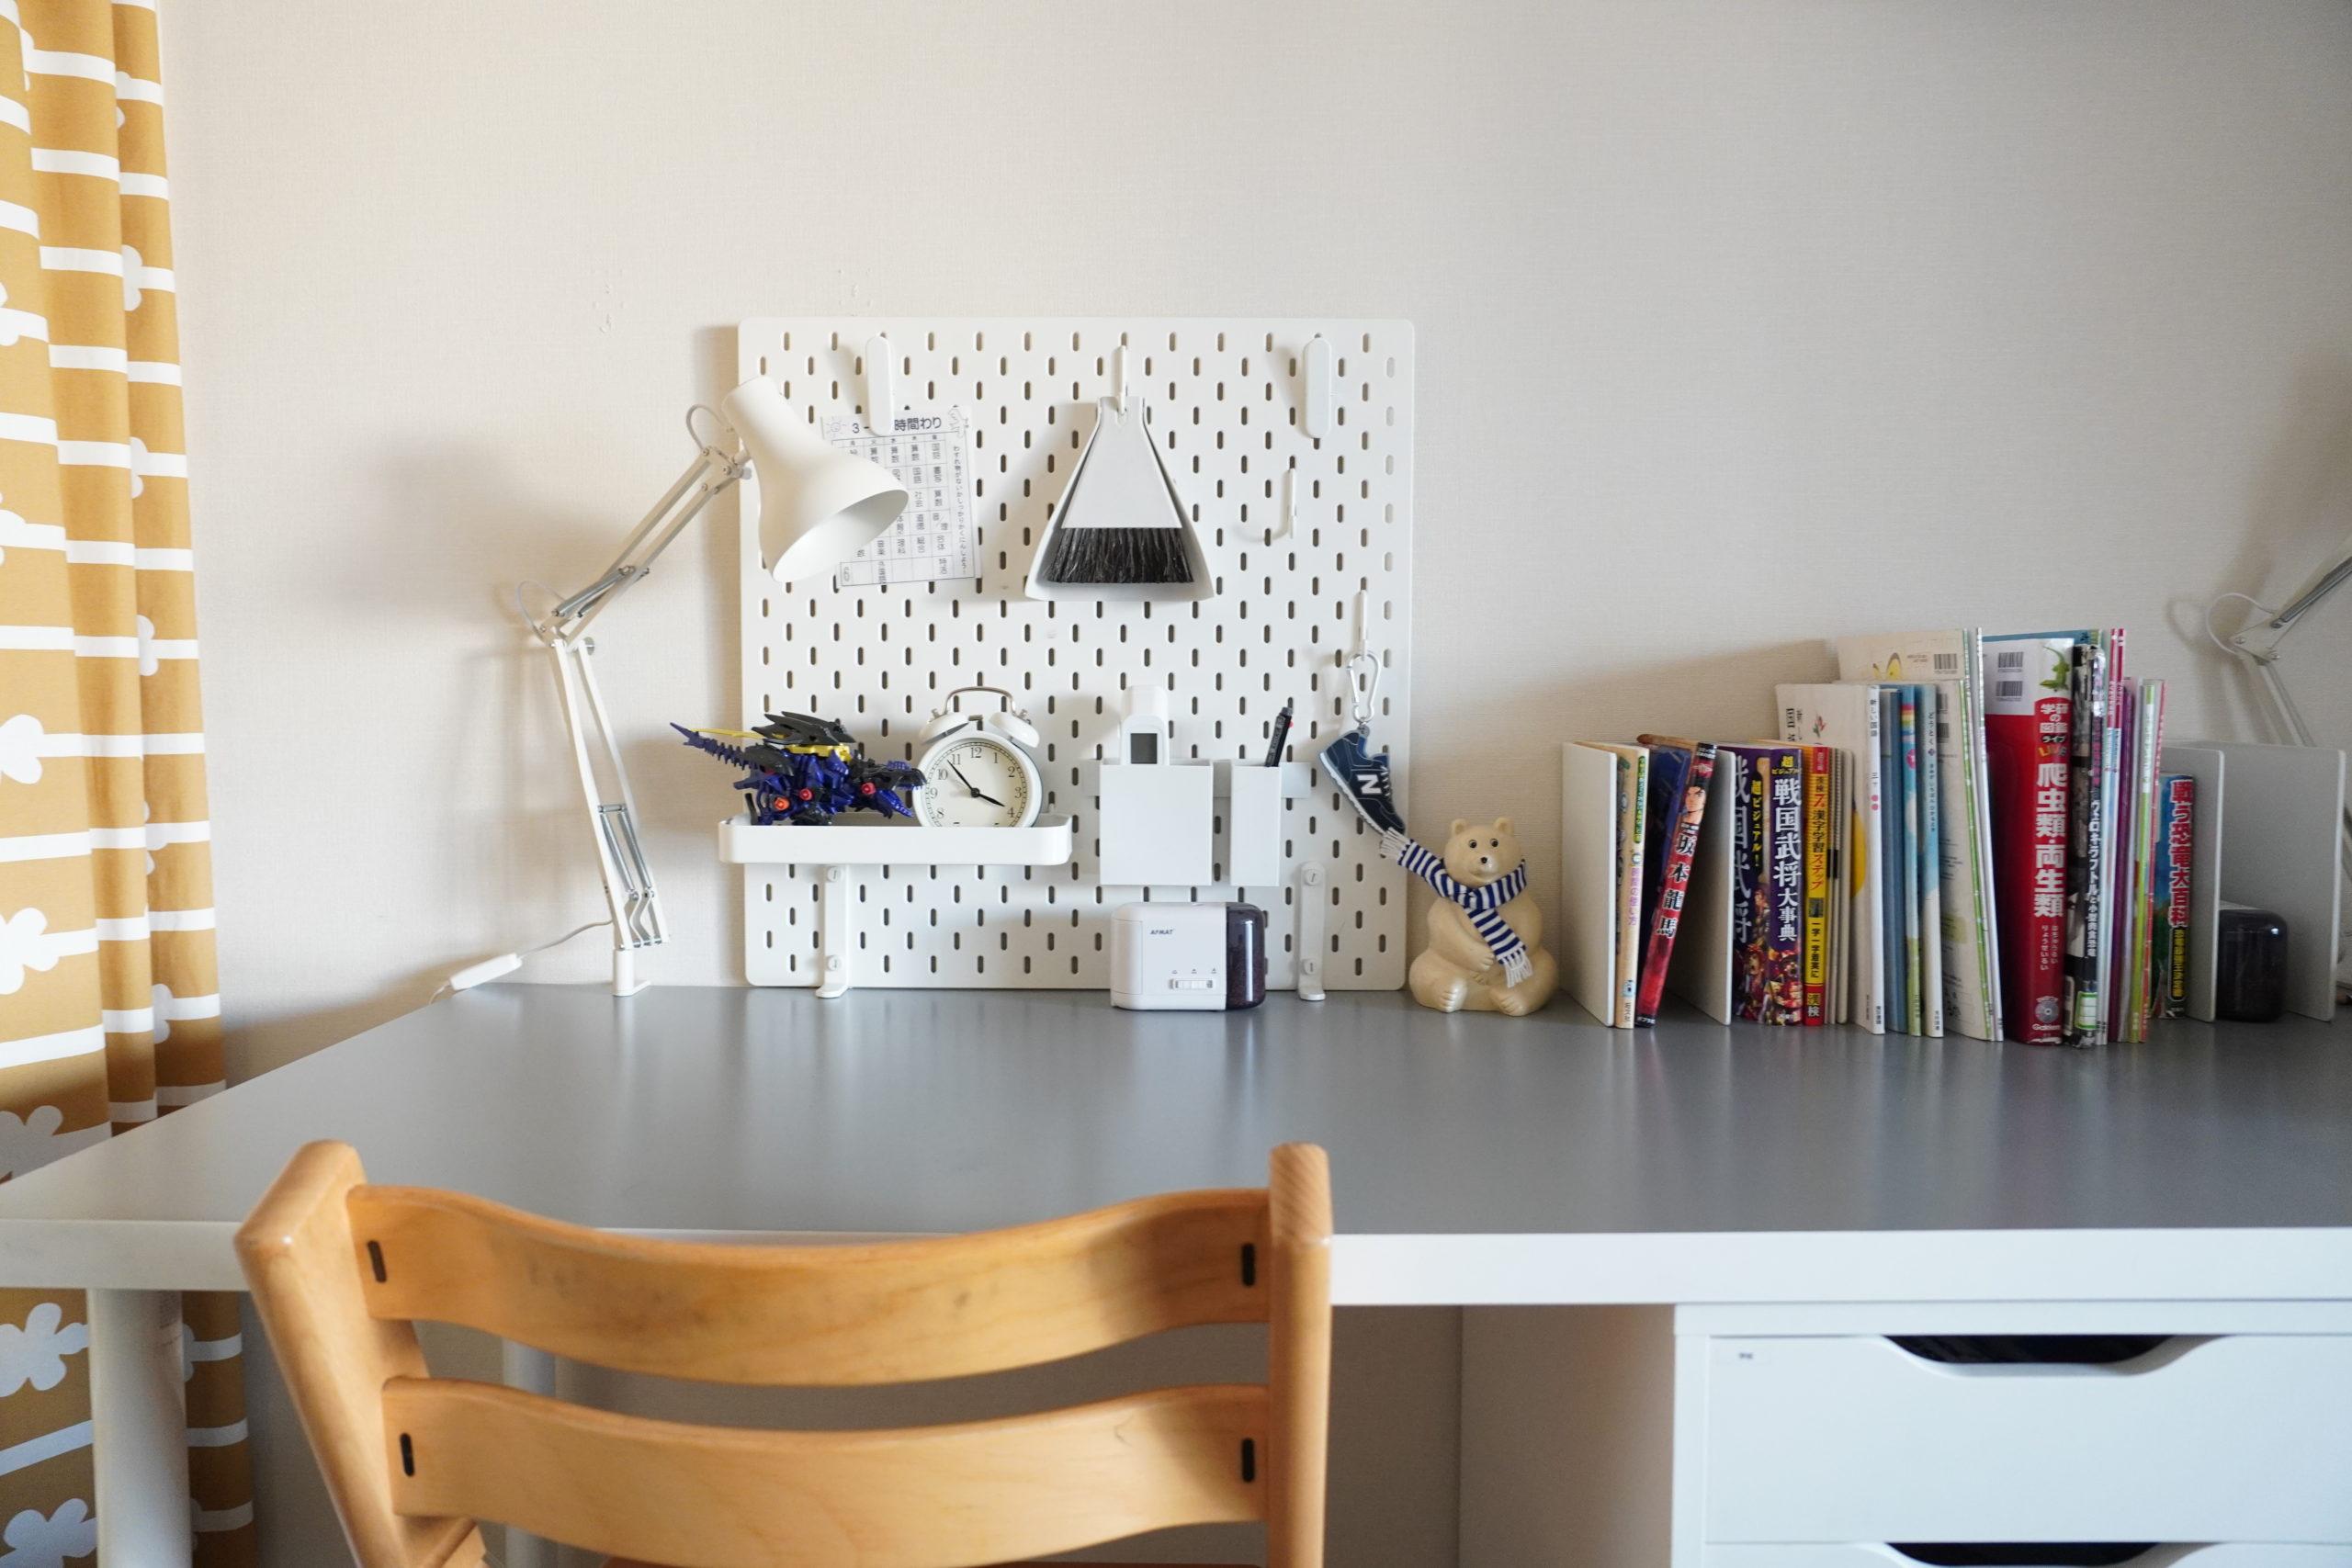 【IKEA×無印良品】学習机を快適にするアイデア6つ